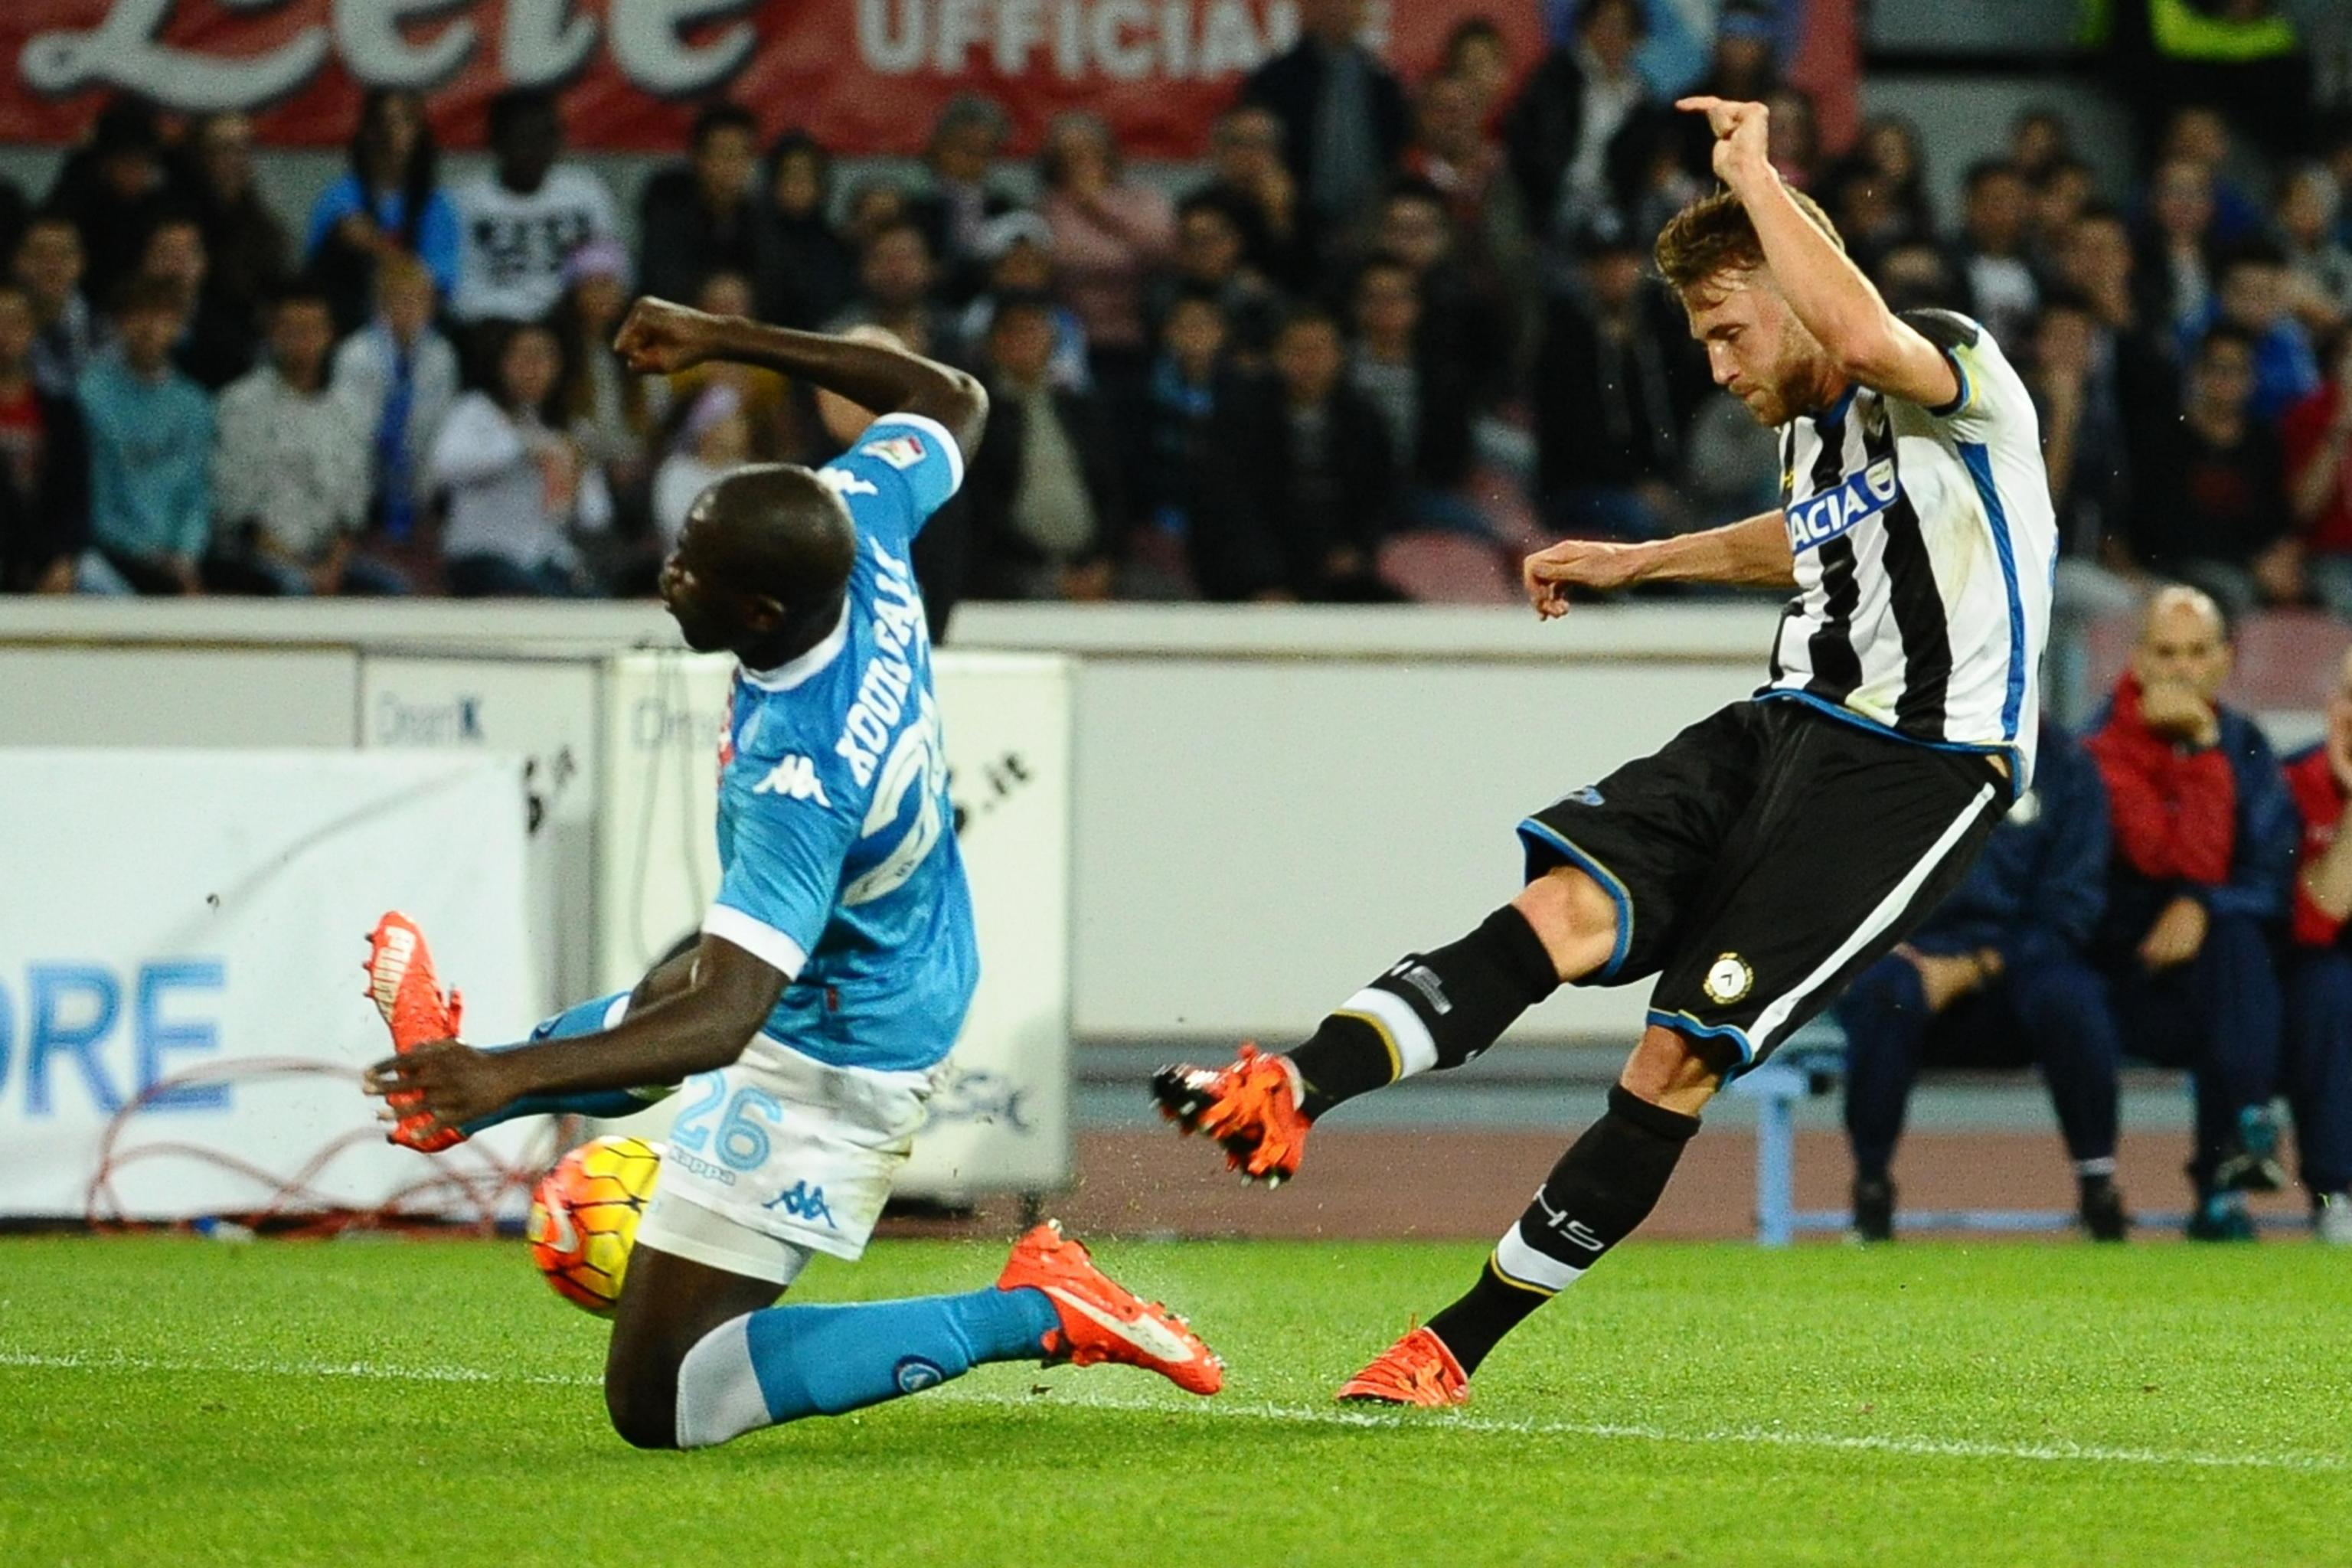 Calcio: serie A, Napoli - Udinese